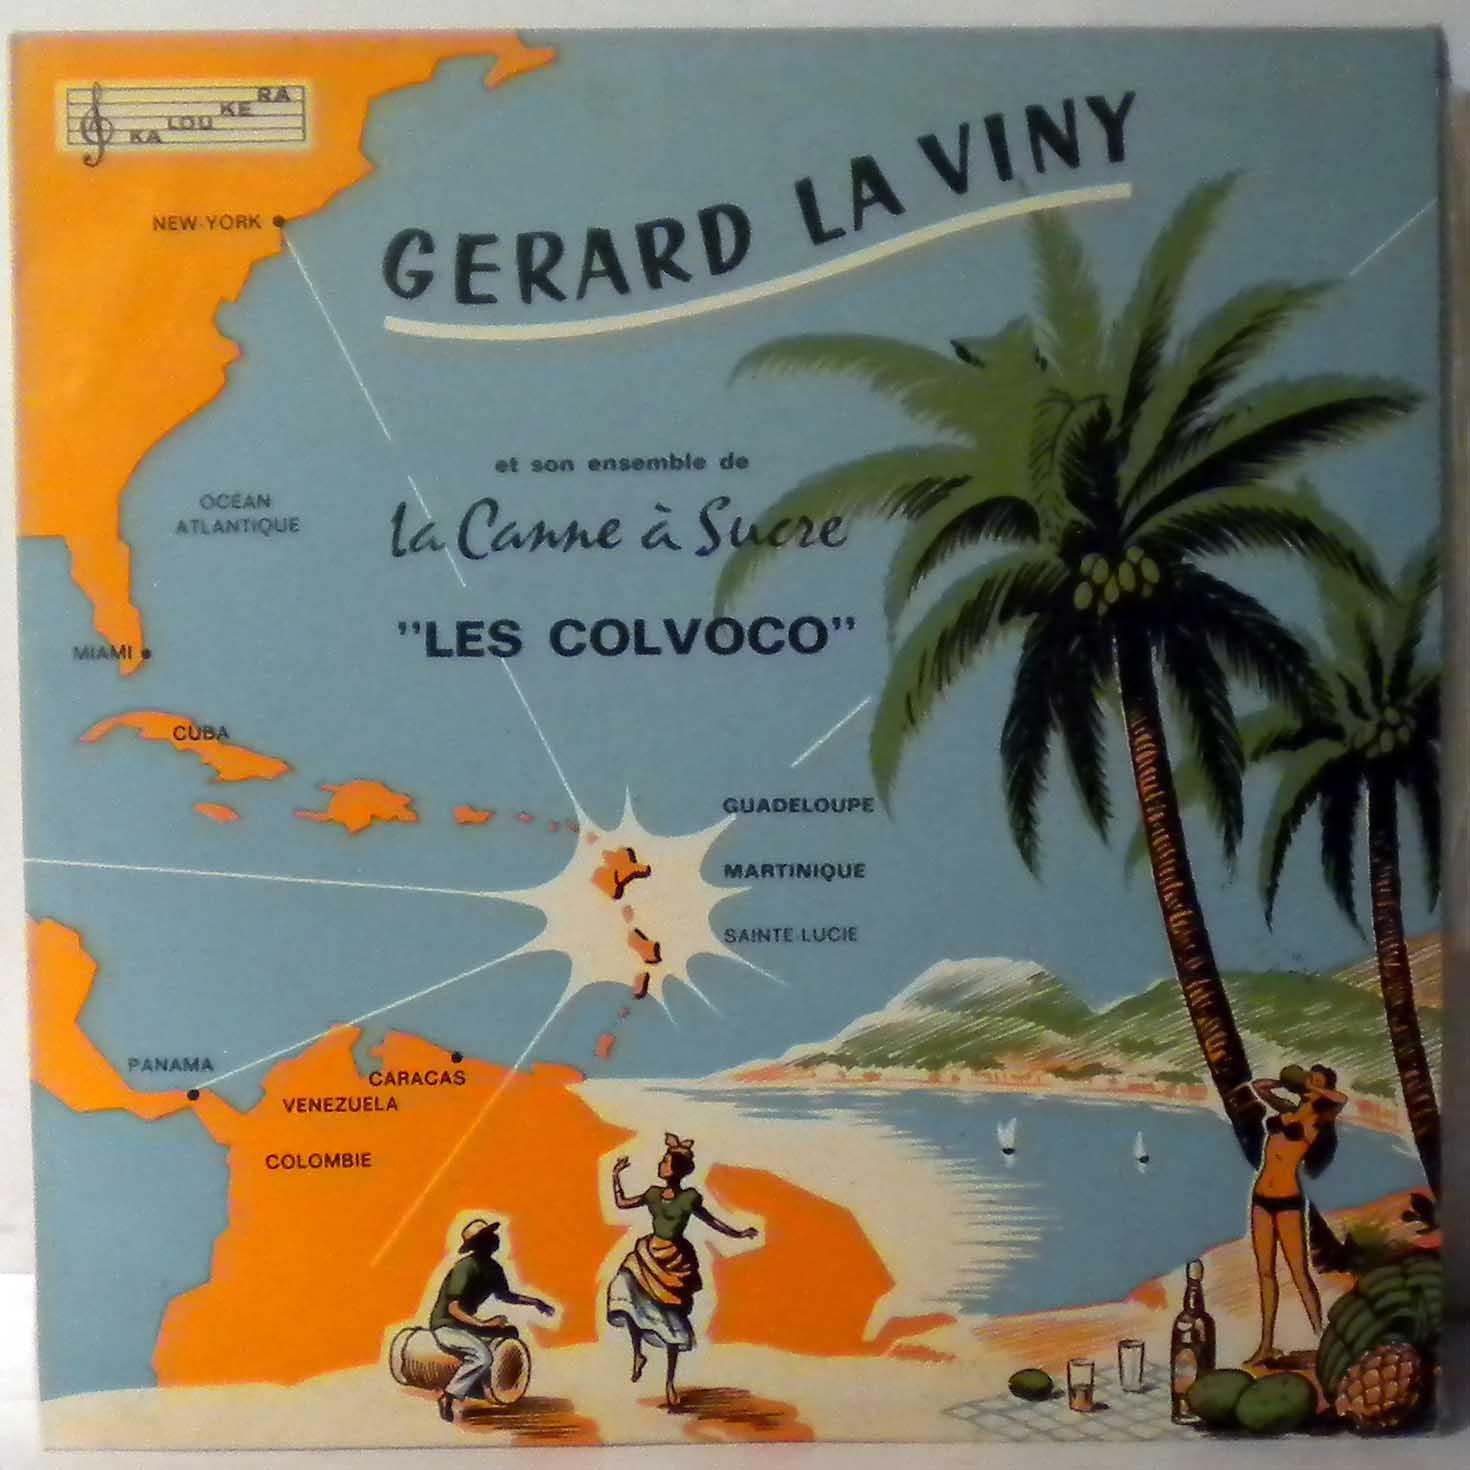 GERARD LA VINY - Et Son Ensemble De La Canne A Sucre Les Colvoco - 25 cm